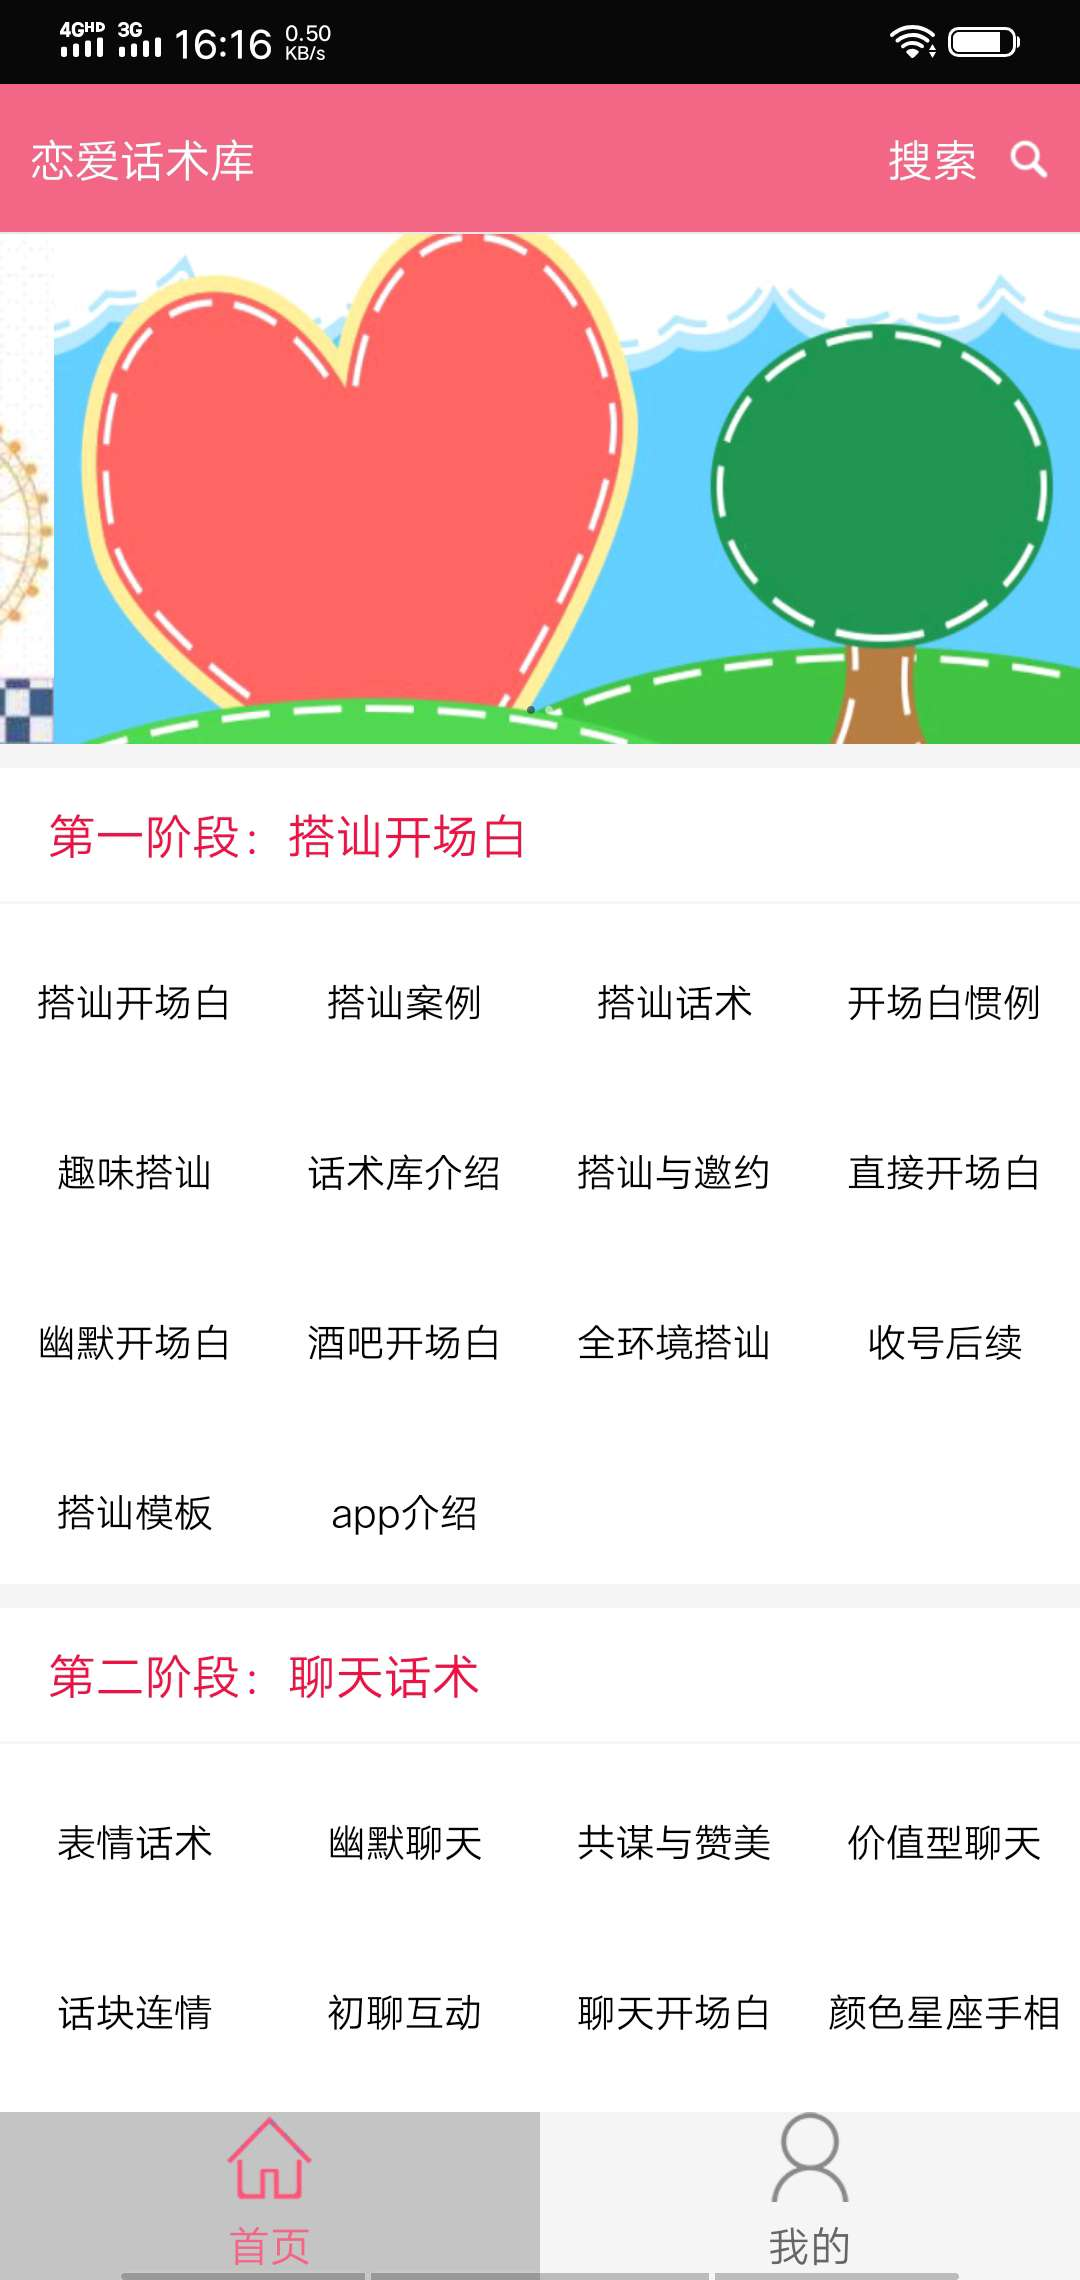 【分享】恋爱话术库最新版/解锁VIP